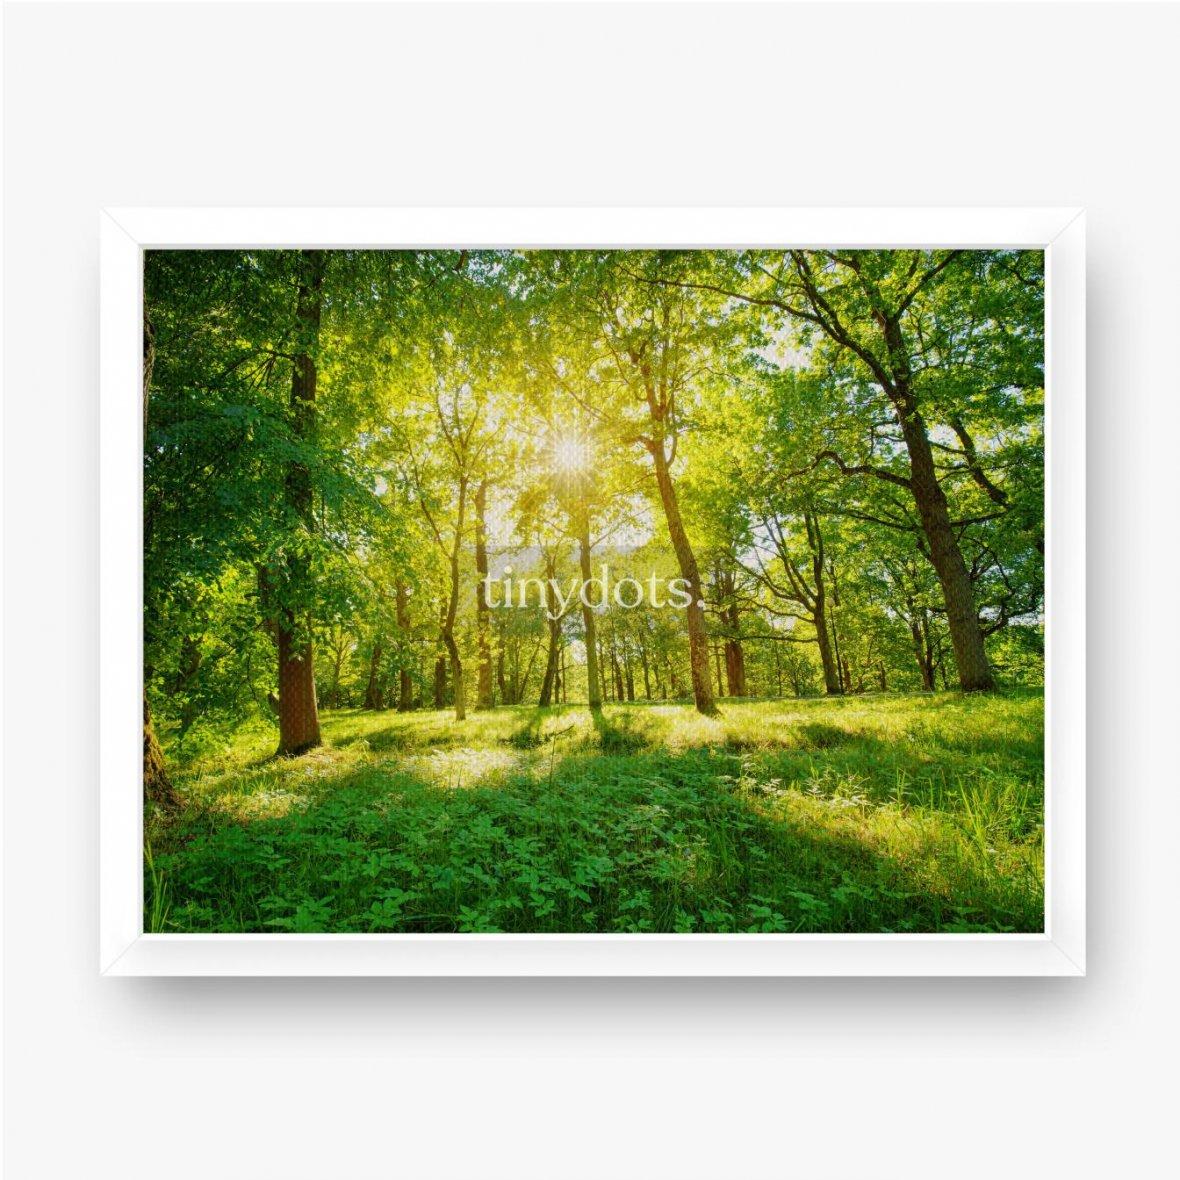 Gerahmte Leinwandbilder Altes Eichenlaub im Morgenlicht mit Sonnenlicht. Waldlandschaft.